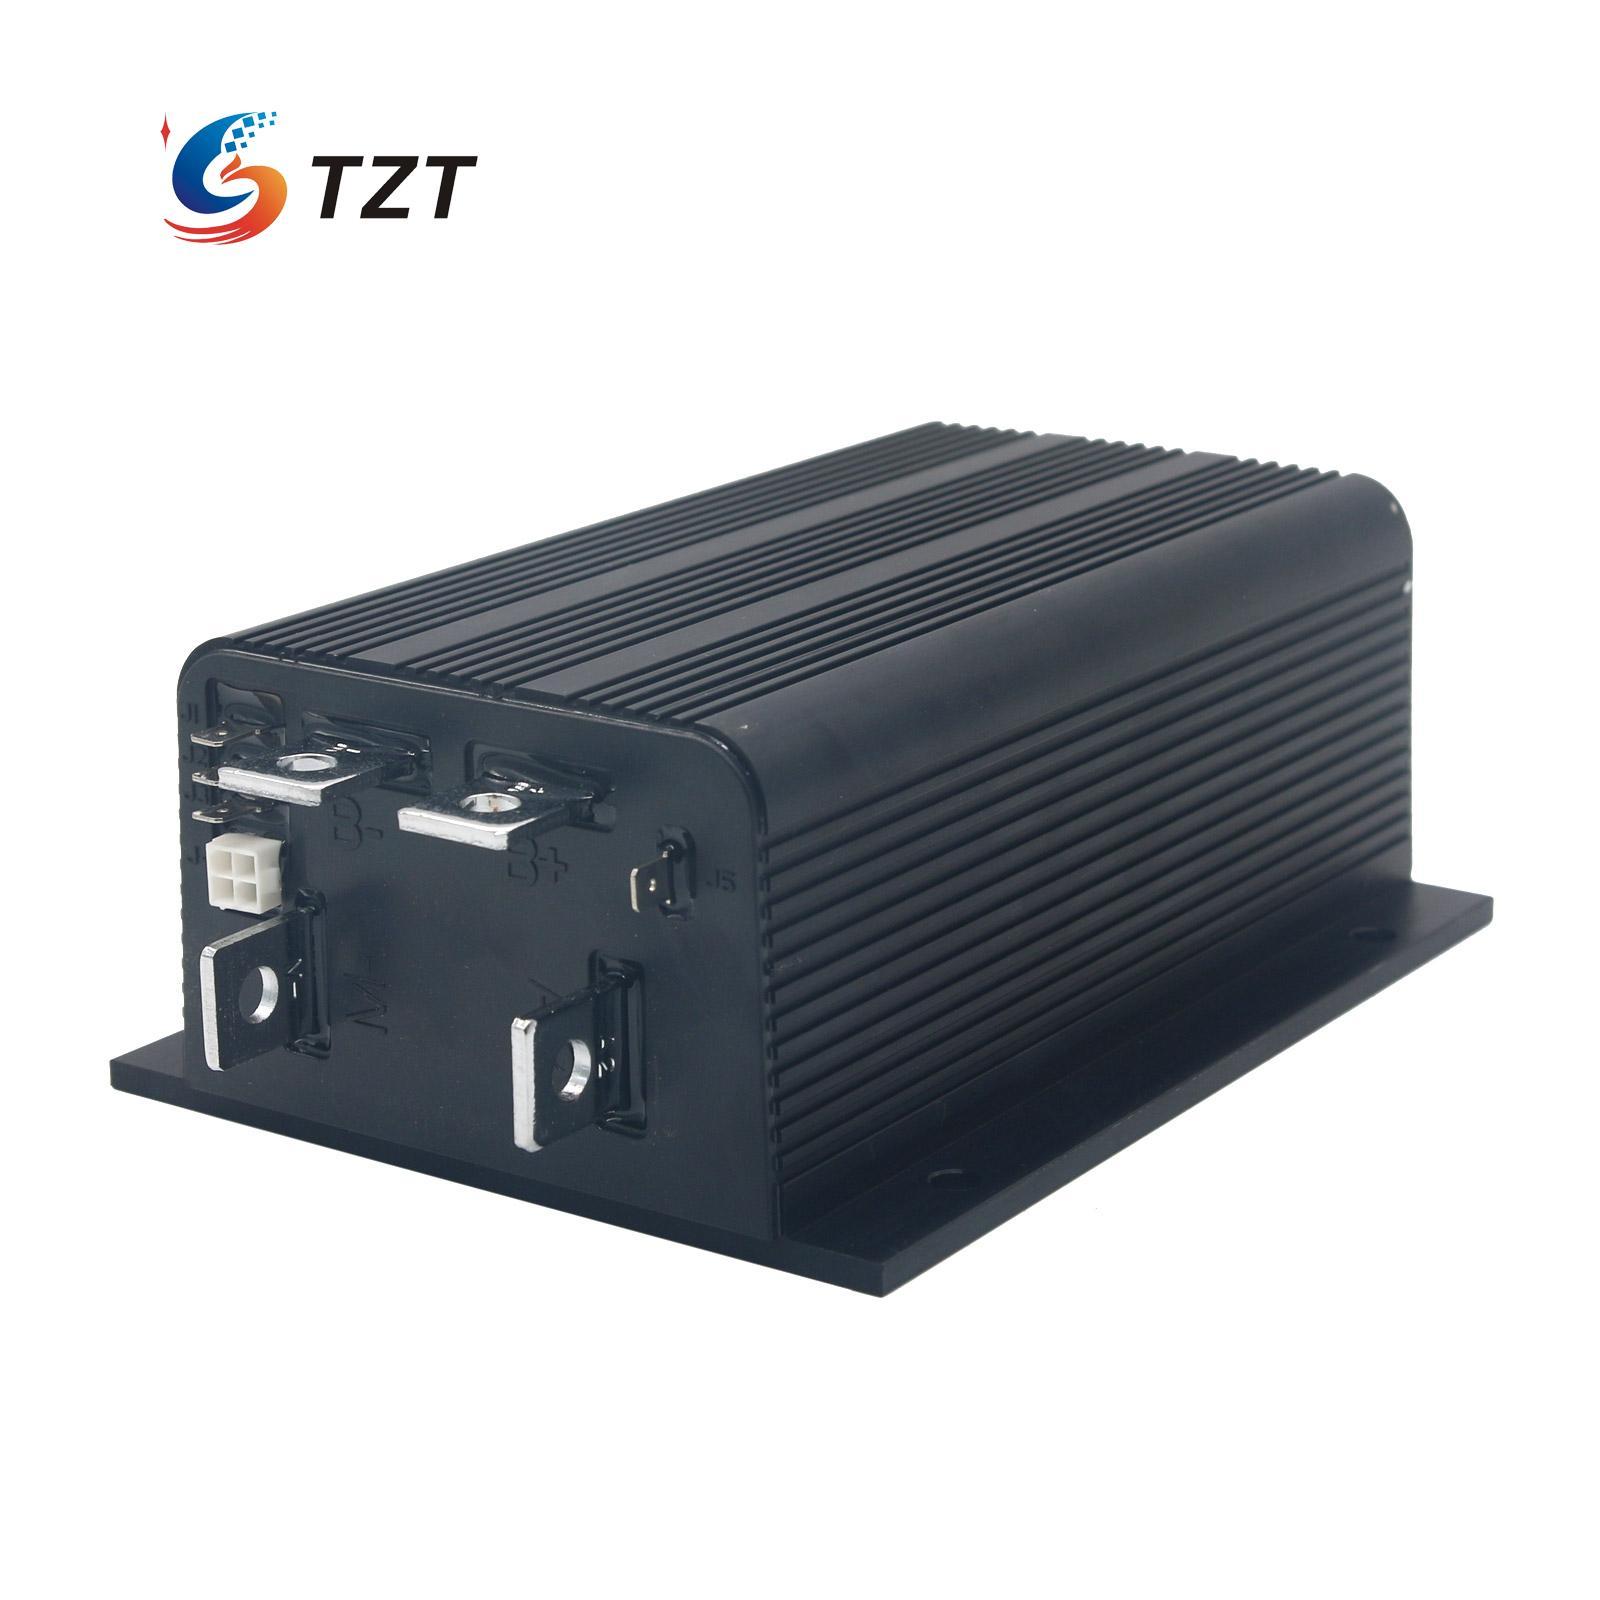 P125M 5603 500A DC Motor Controller Replacing CURTIS 1205 1205M 5601 1205M 5603